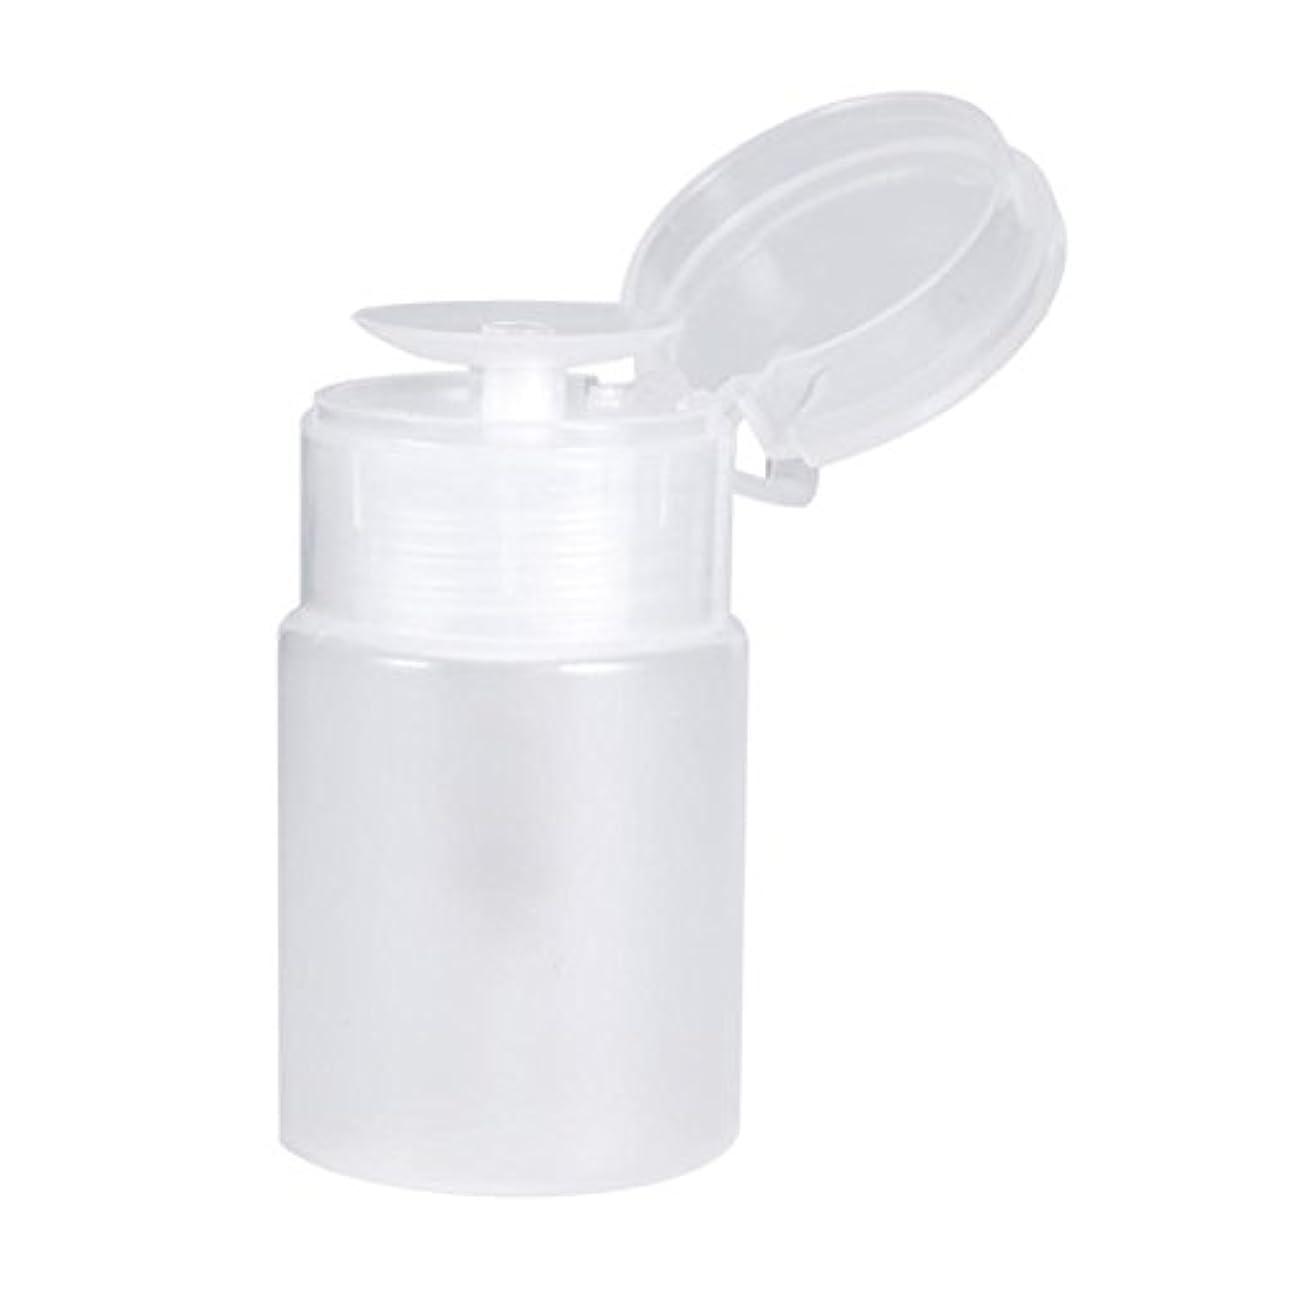 皿不足突撃ネイルディスペンサーボトル、プッシュダウンディスペンサーネイルポリッシュリムーバーポンプ空のボトルディスペンサー液体ボトル容器60ミリリットル(白)